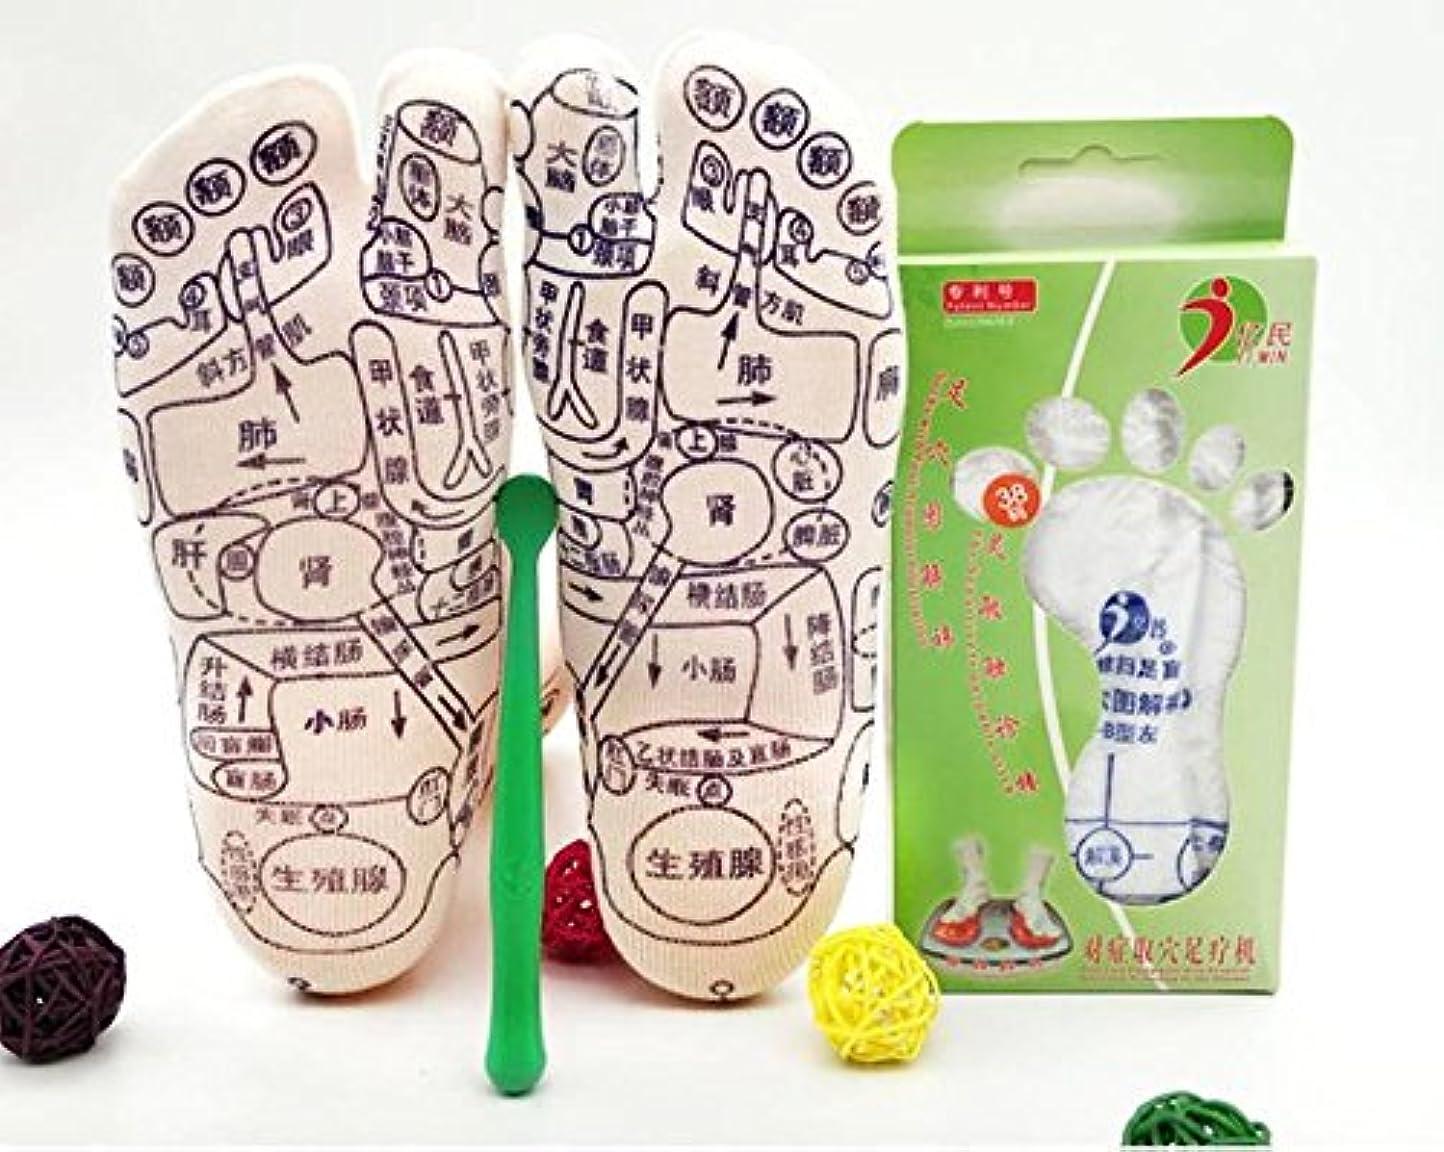 促す豪華なケージMNoel 健康 足裏 足ツボ プリント ソックス ツボ押し スティック付き 足つぼ くつした 靴下 反射区 サイズ23~26センチ 中国語簡易説明書付き